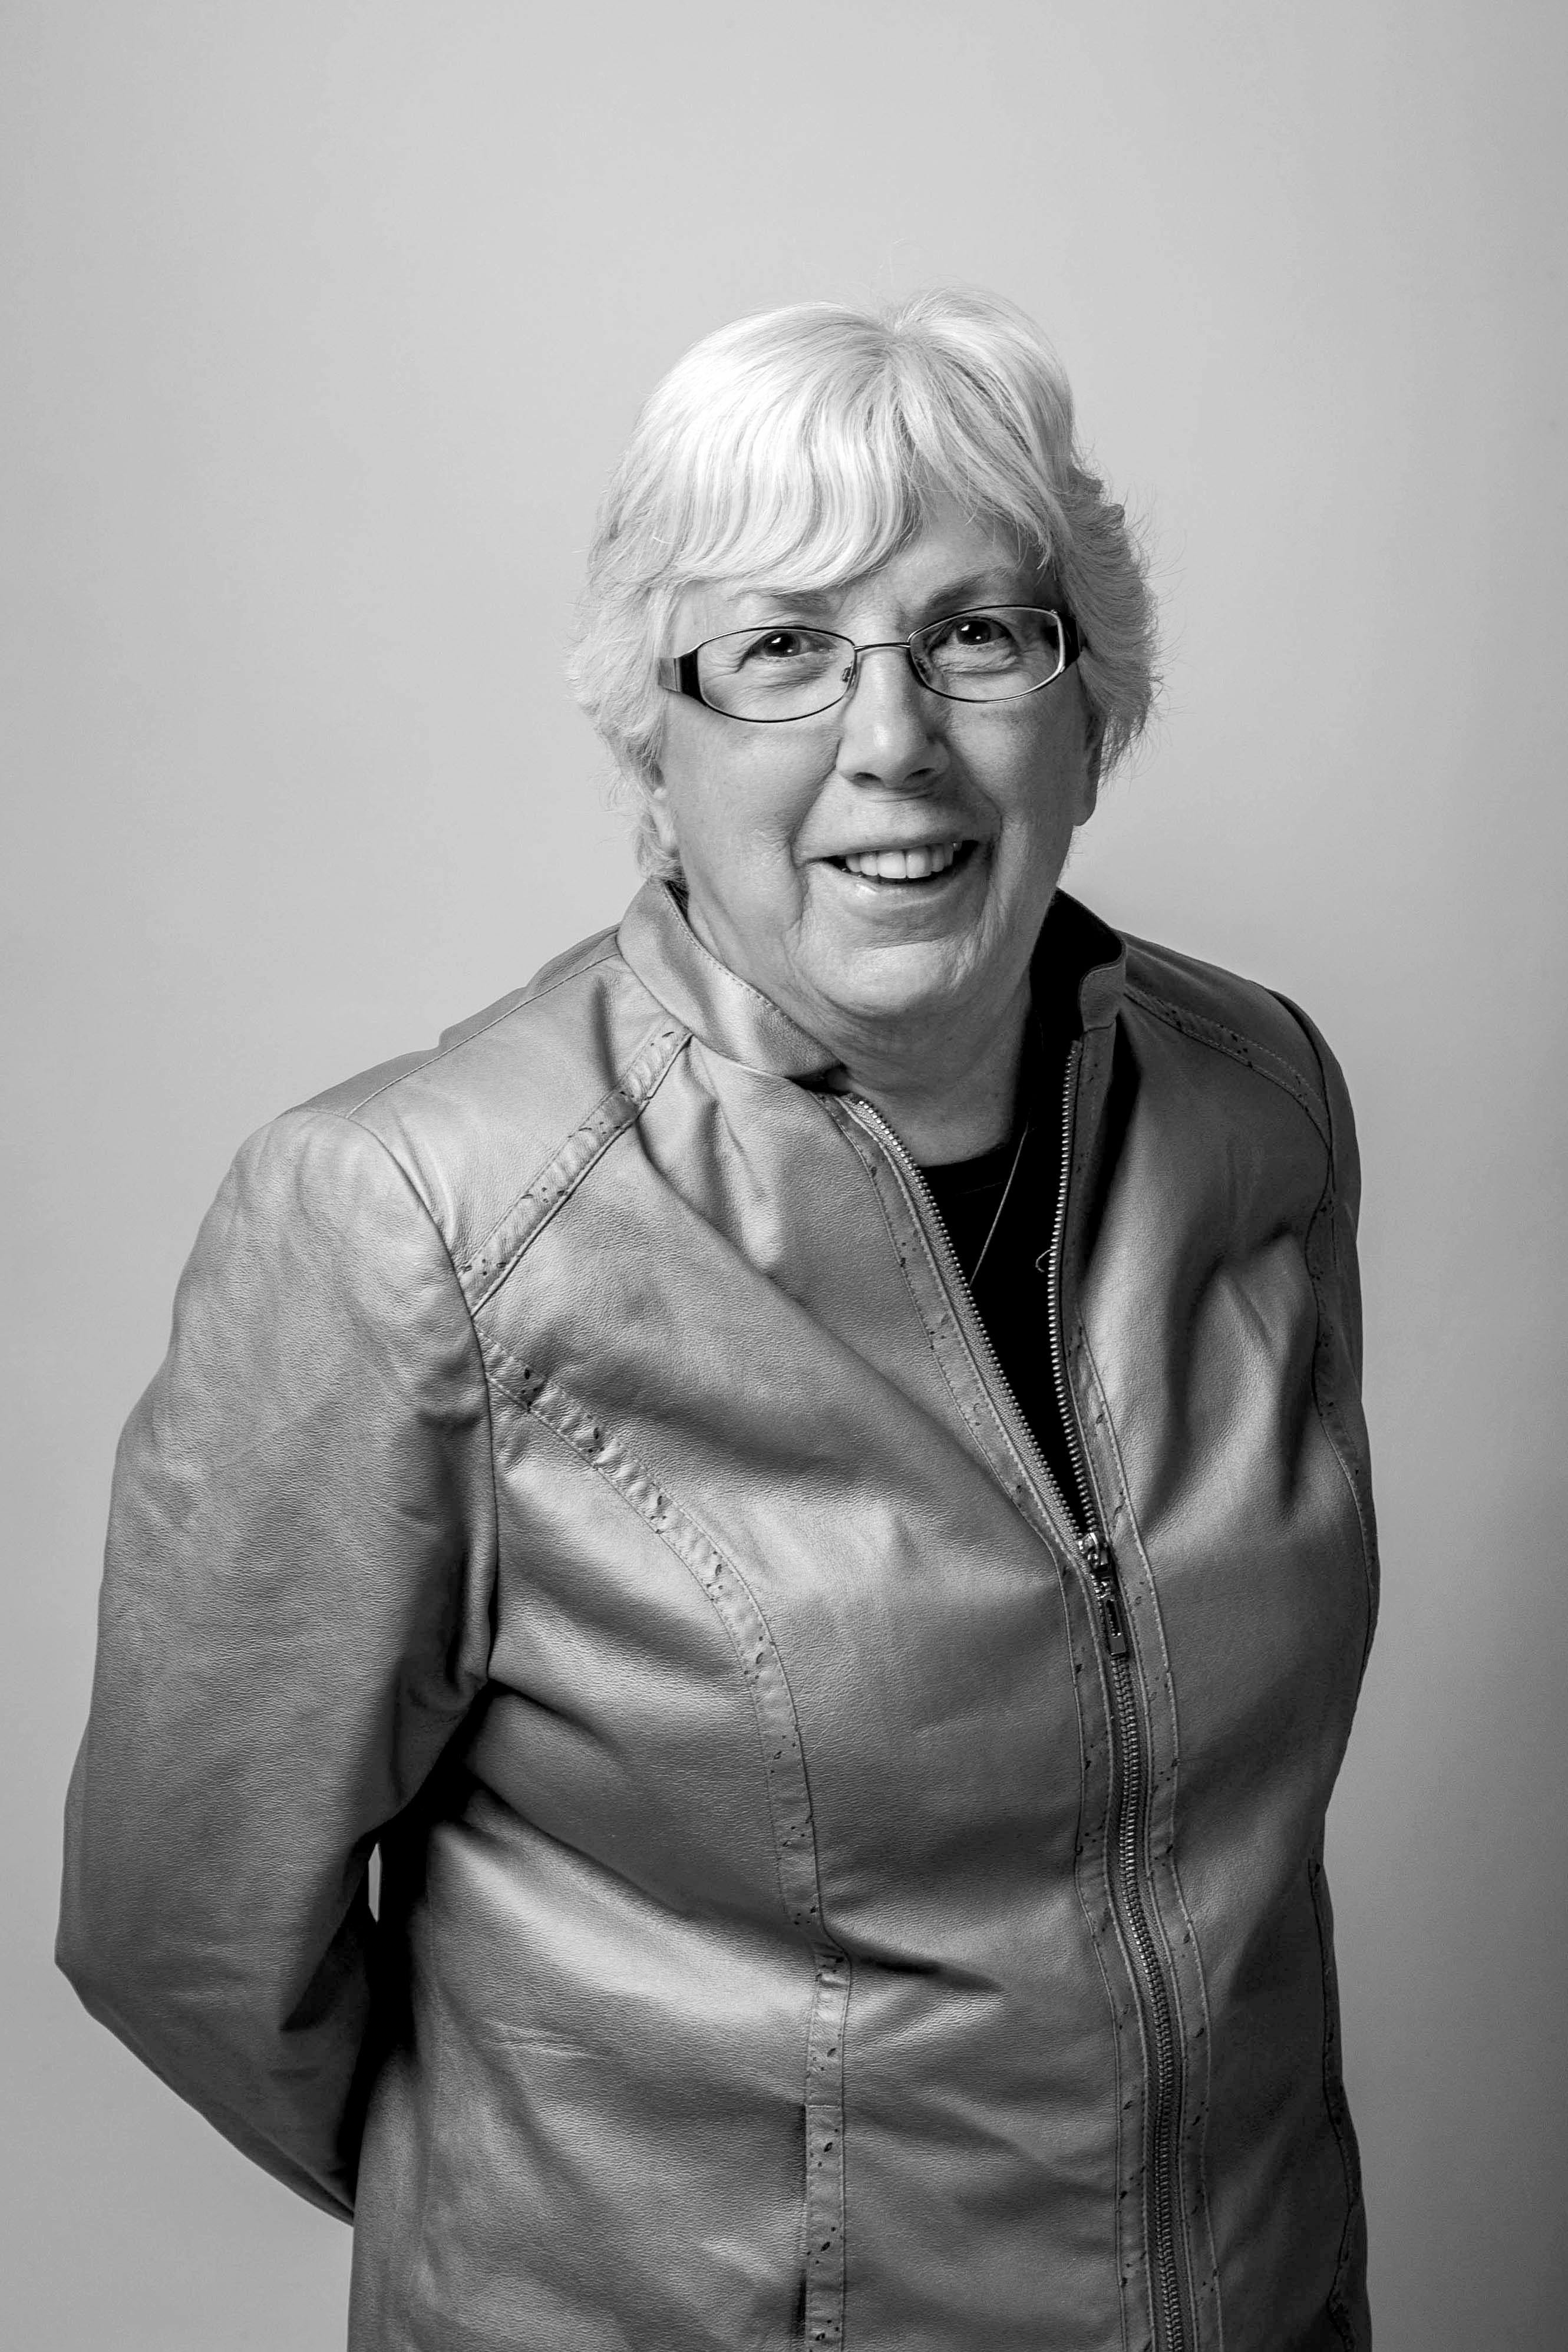 Marion LaVigne